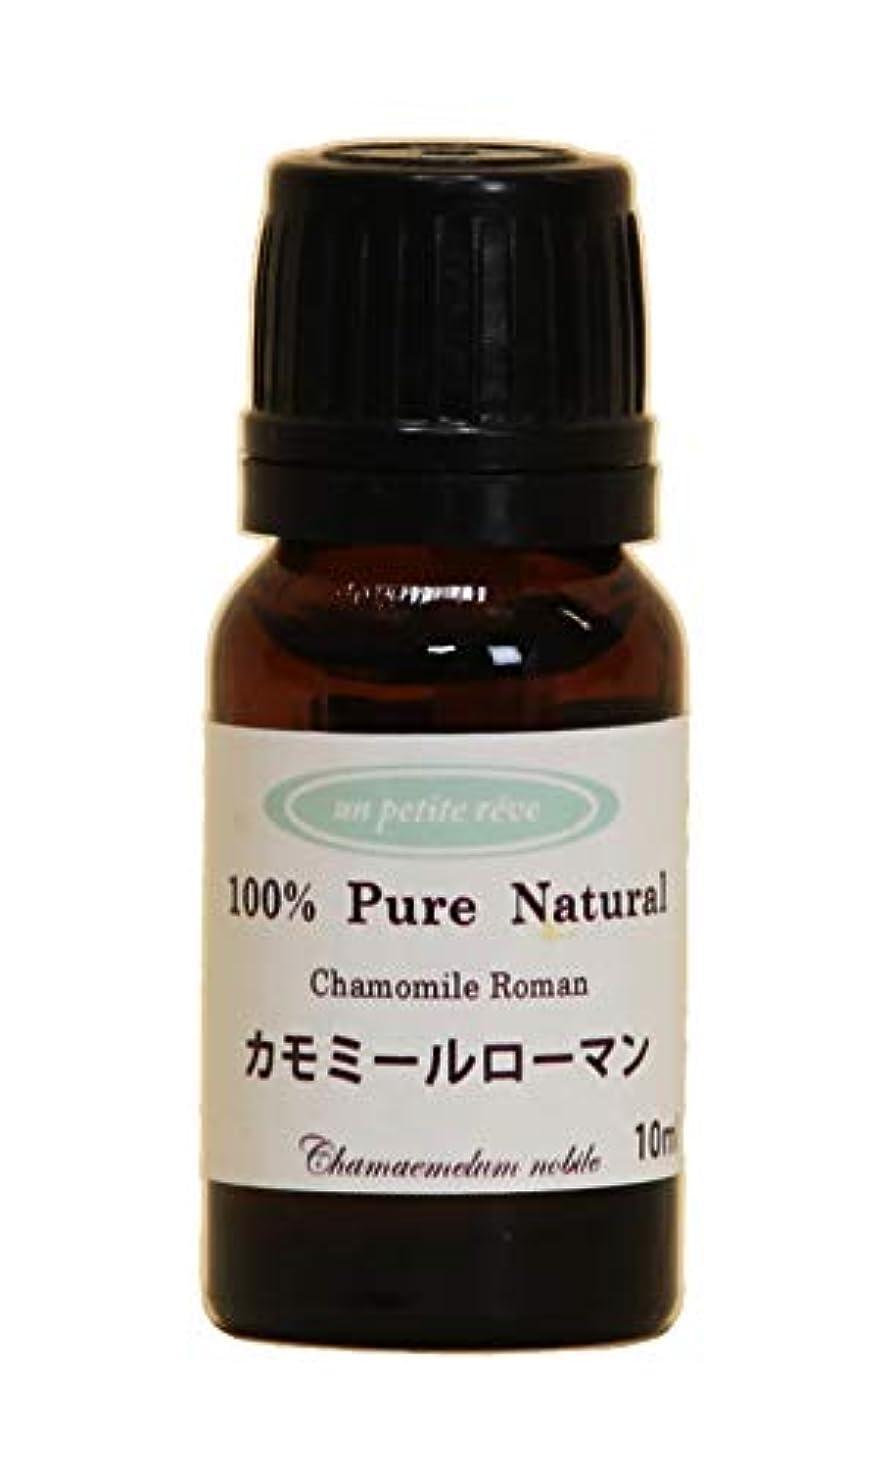 静かに弾力性のある非行カモミールローマン 10ml 100%天然アロマエッセンシャルオイル(精油)